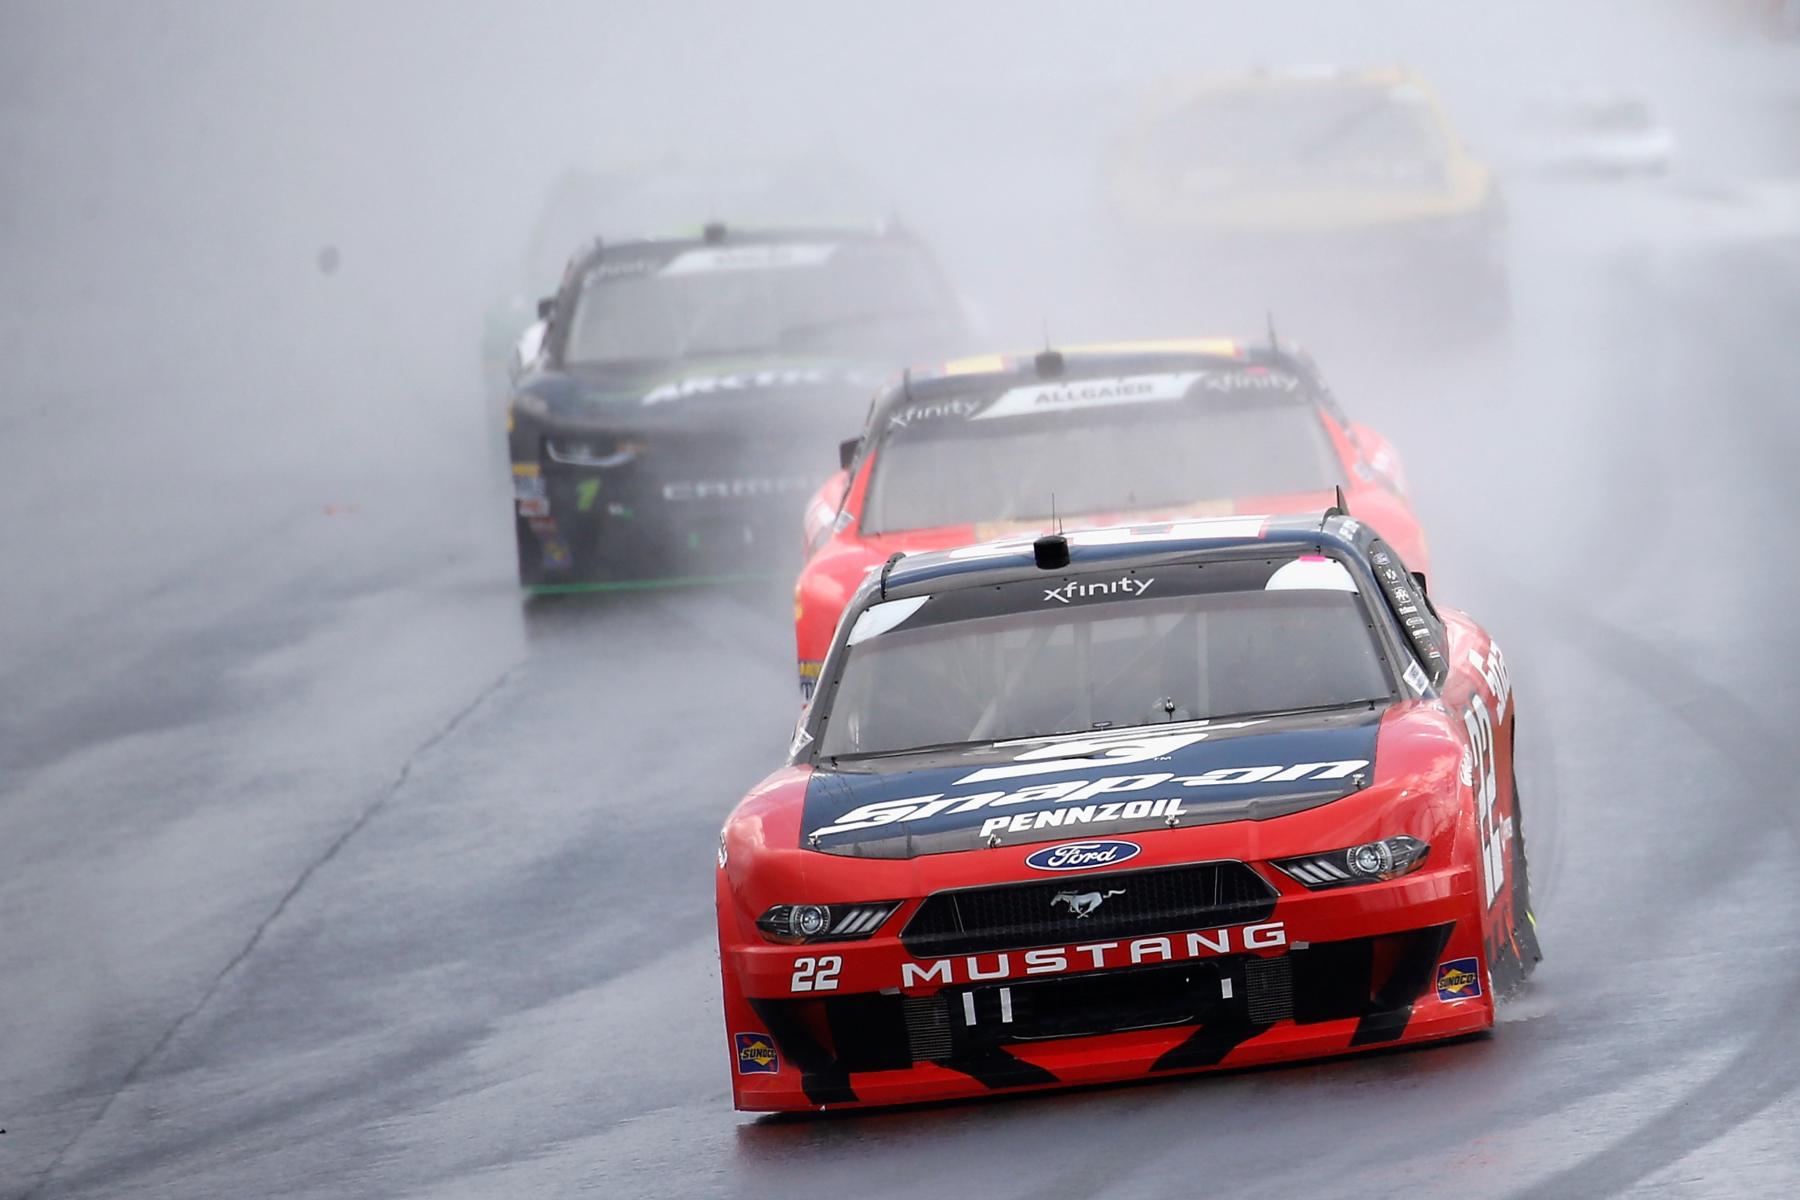 Joey Logano in the NASCAR rain race at Watkins Glen